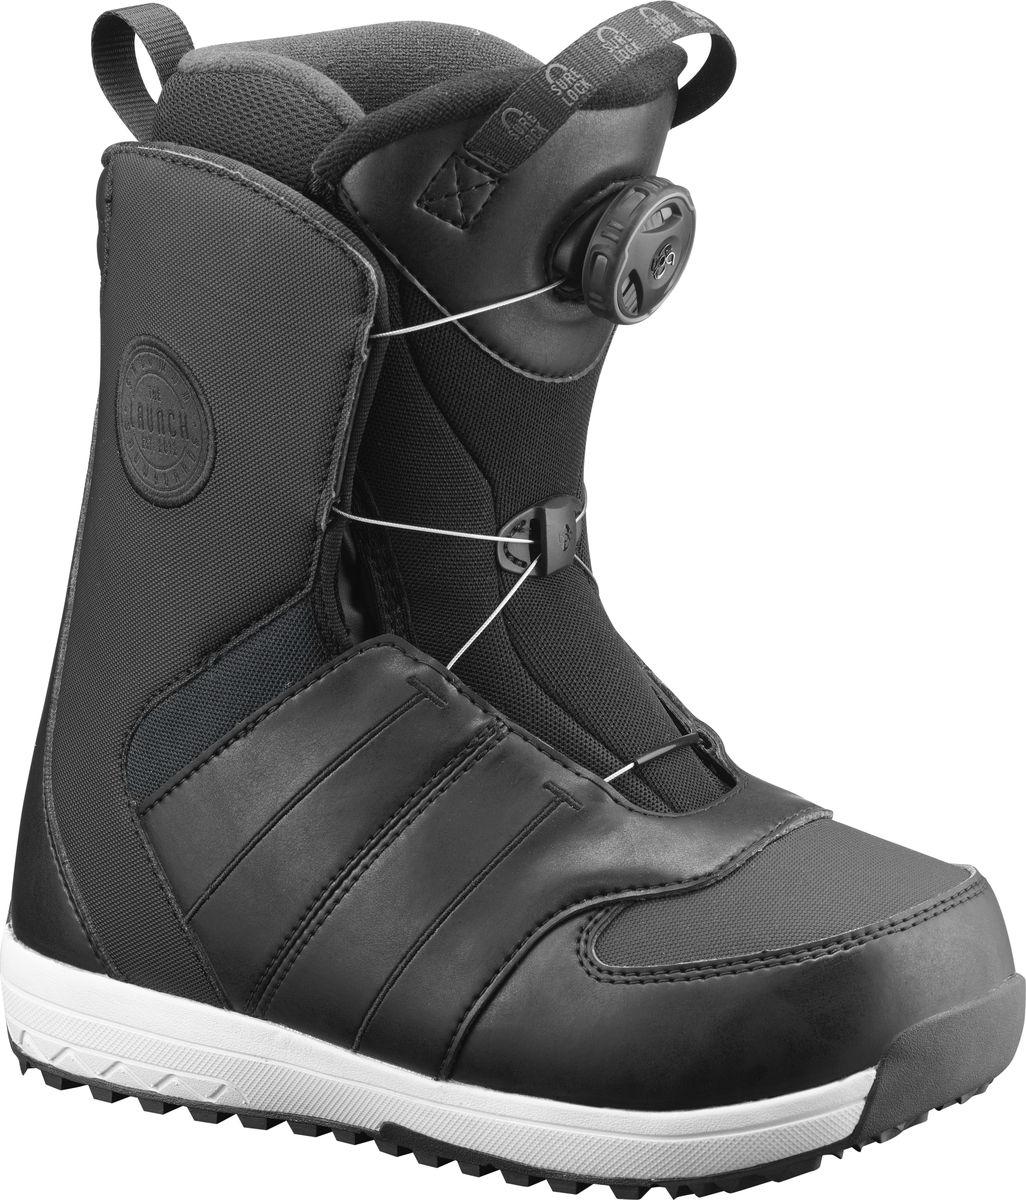 Ботинки для сноуборда Salomon Launch Boa Jr, цвет: черный. Размер 41 ботинки для сноуборда salomon faction rtl цвет черный желтый размер 29 5 45